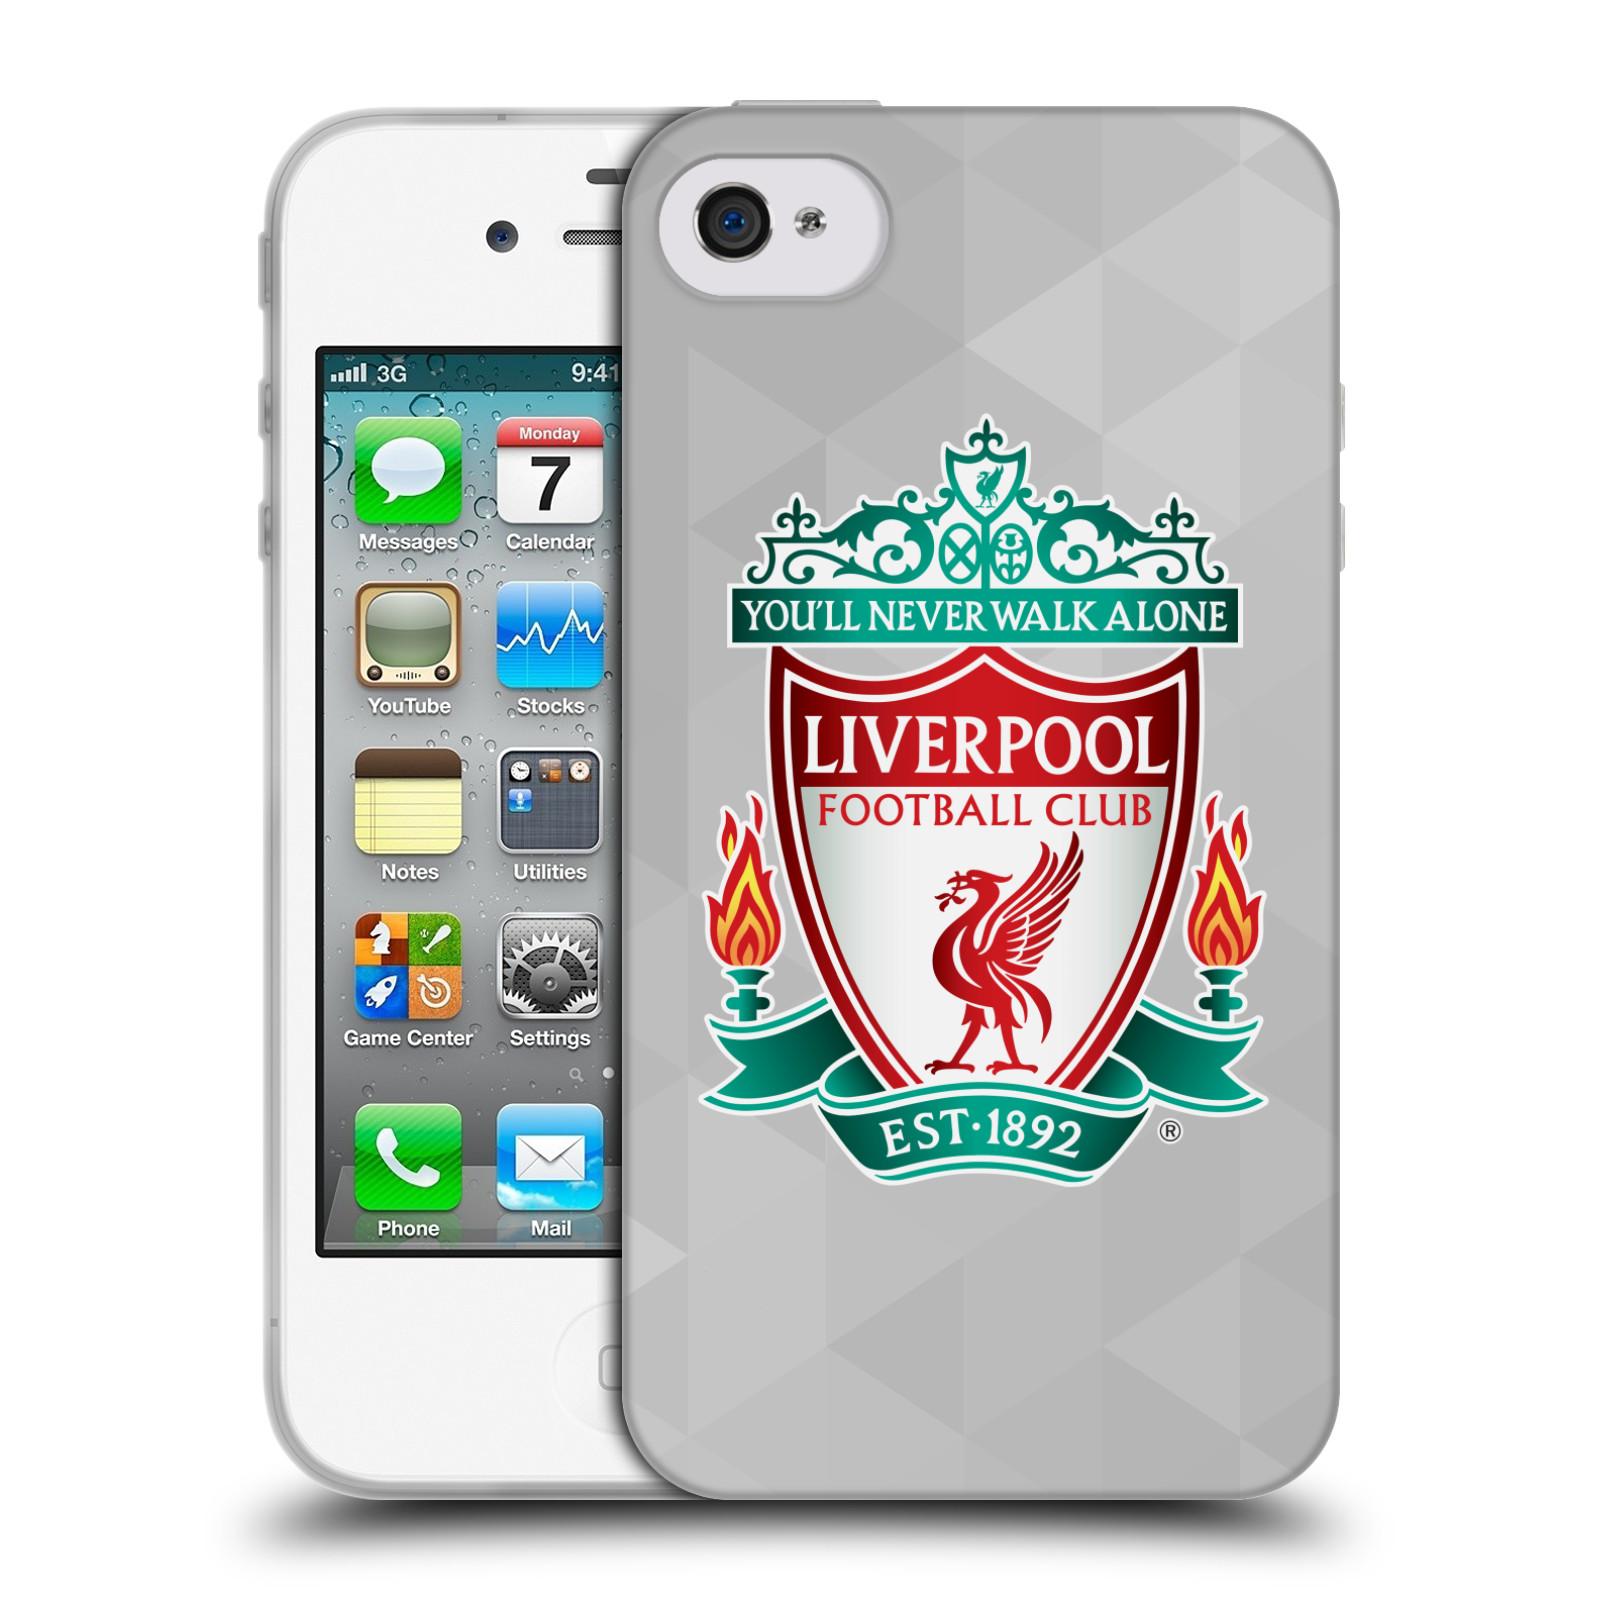 Silikonové pouzdro na mobil Apple iPhone 4 a 4S HEAD CASE ZNAK LIVERPOOL FC OFFICIAL GEOMETRIC WHITE (Silikonový kryt či obal na mobilní telefon Liverpool FC Official pro Apple iPhone 4 a 4S)